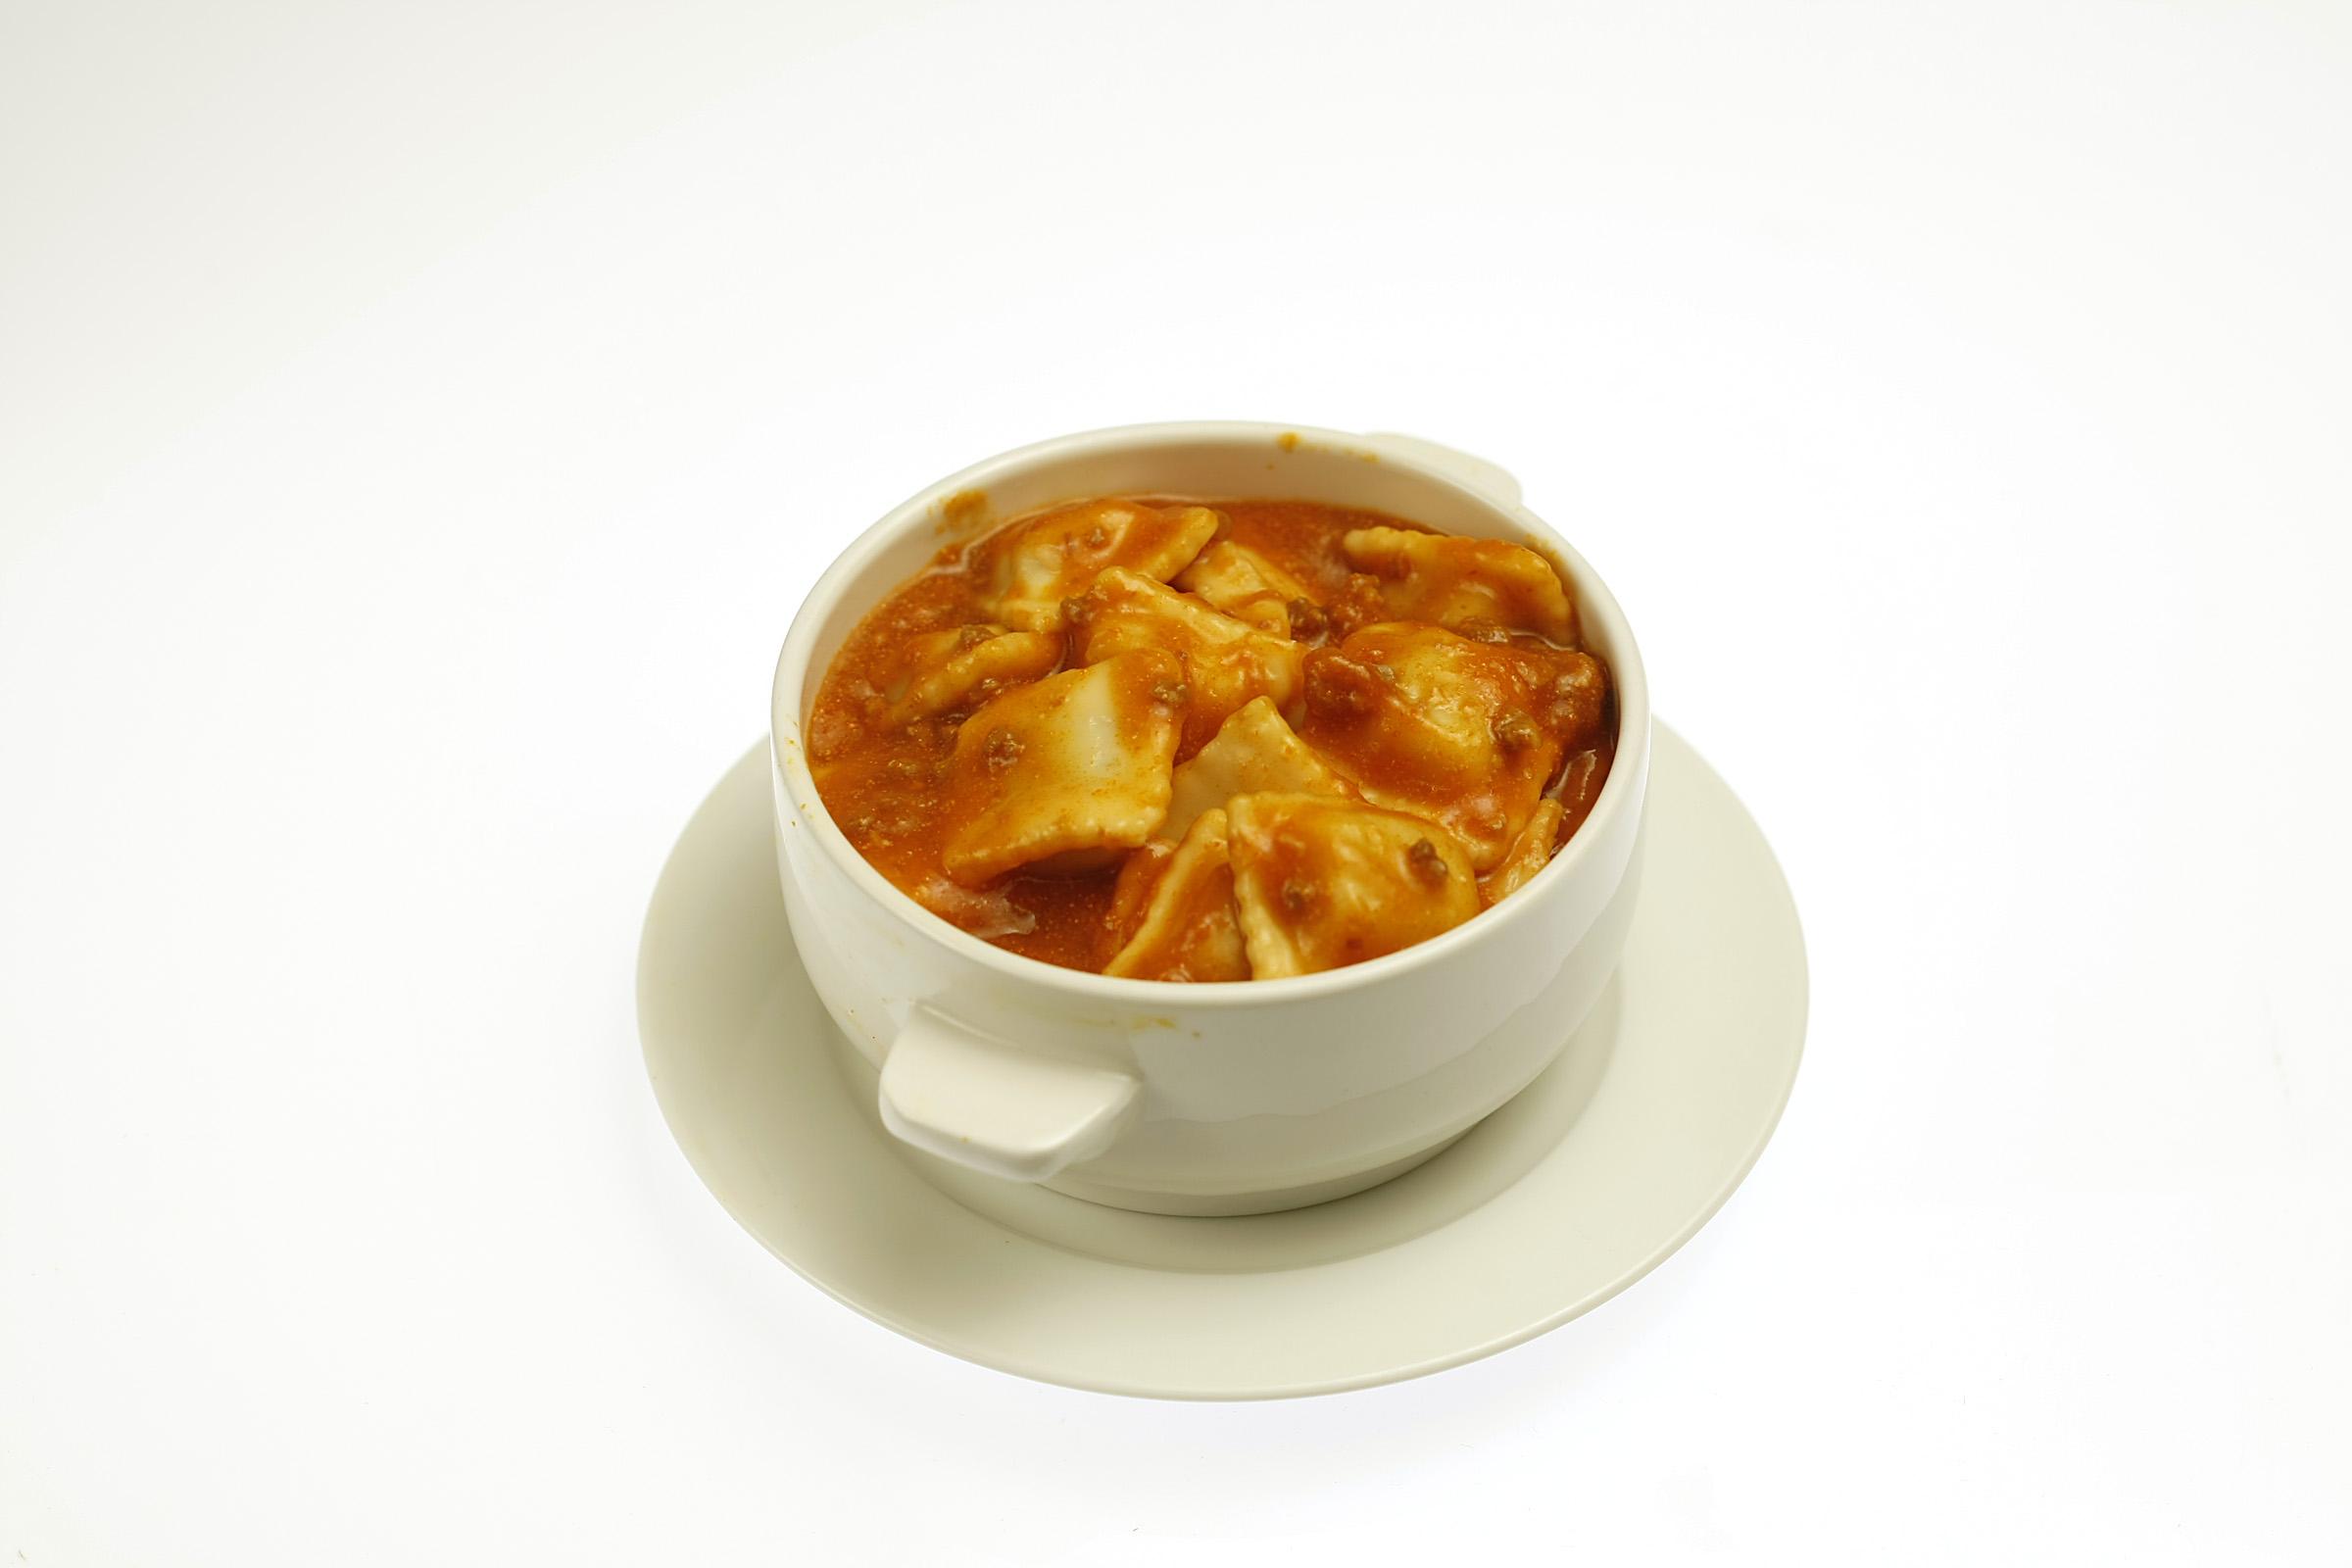 Chef Boyardee Mini Ravioli, Beef Ravioli in Tomato and Meat Sauce.